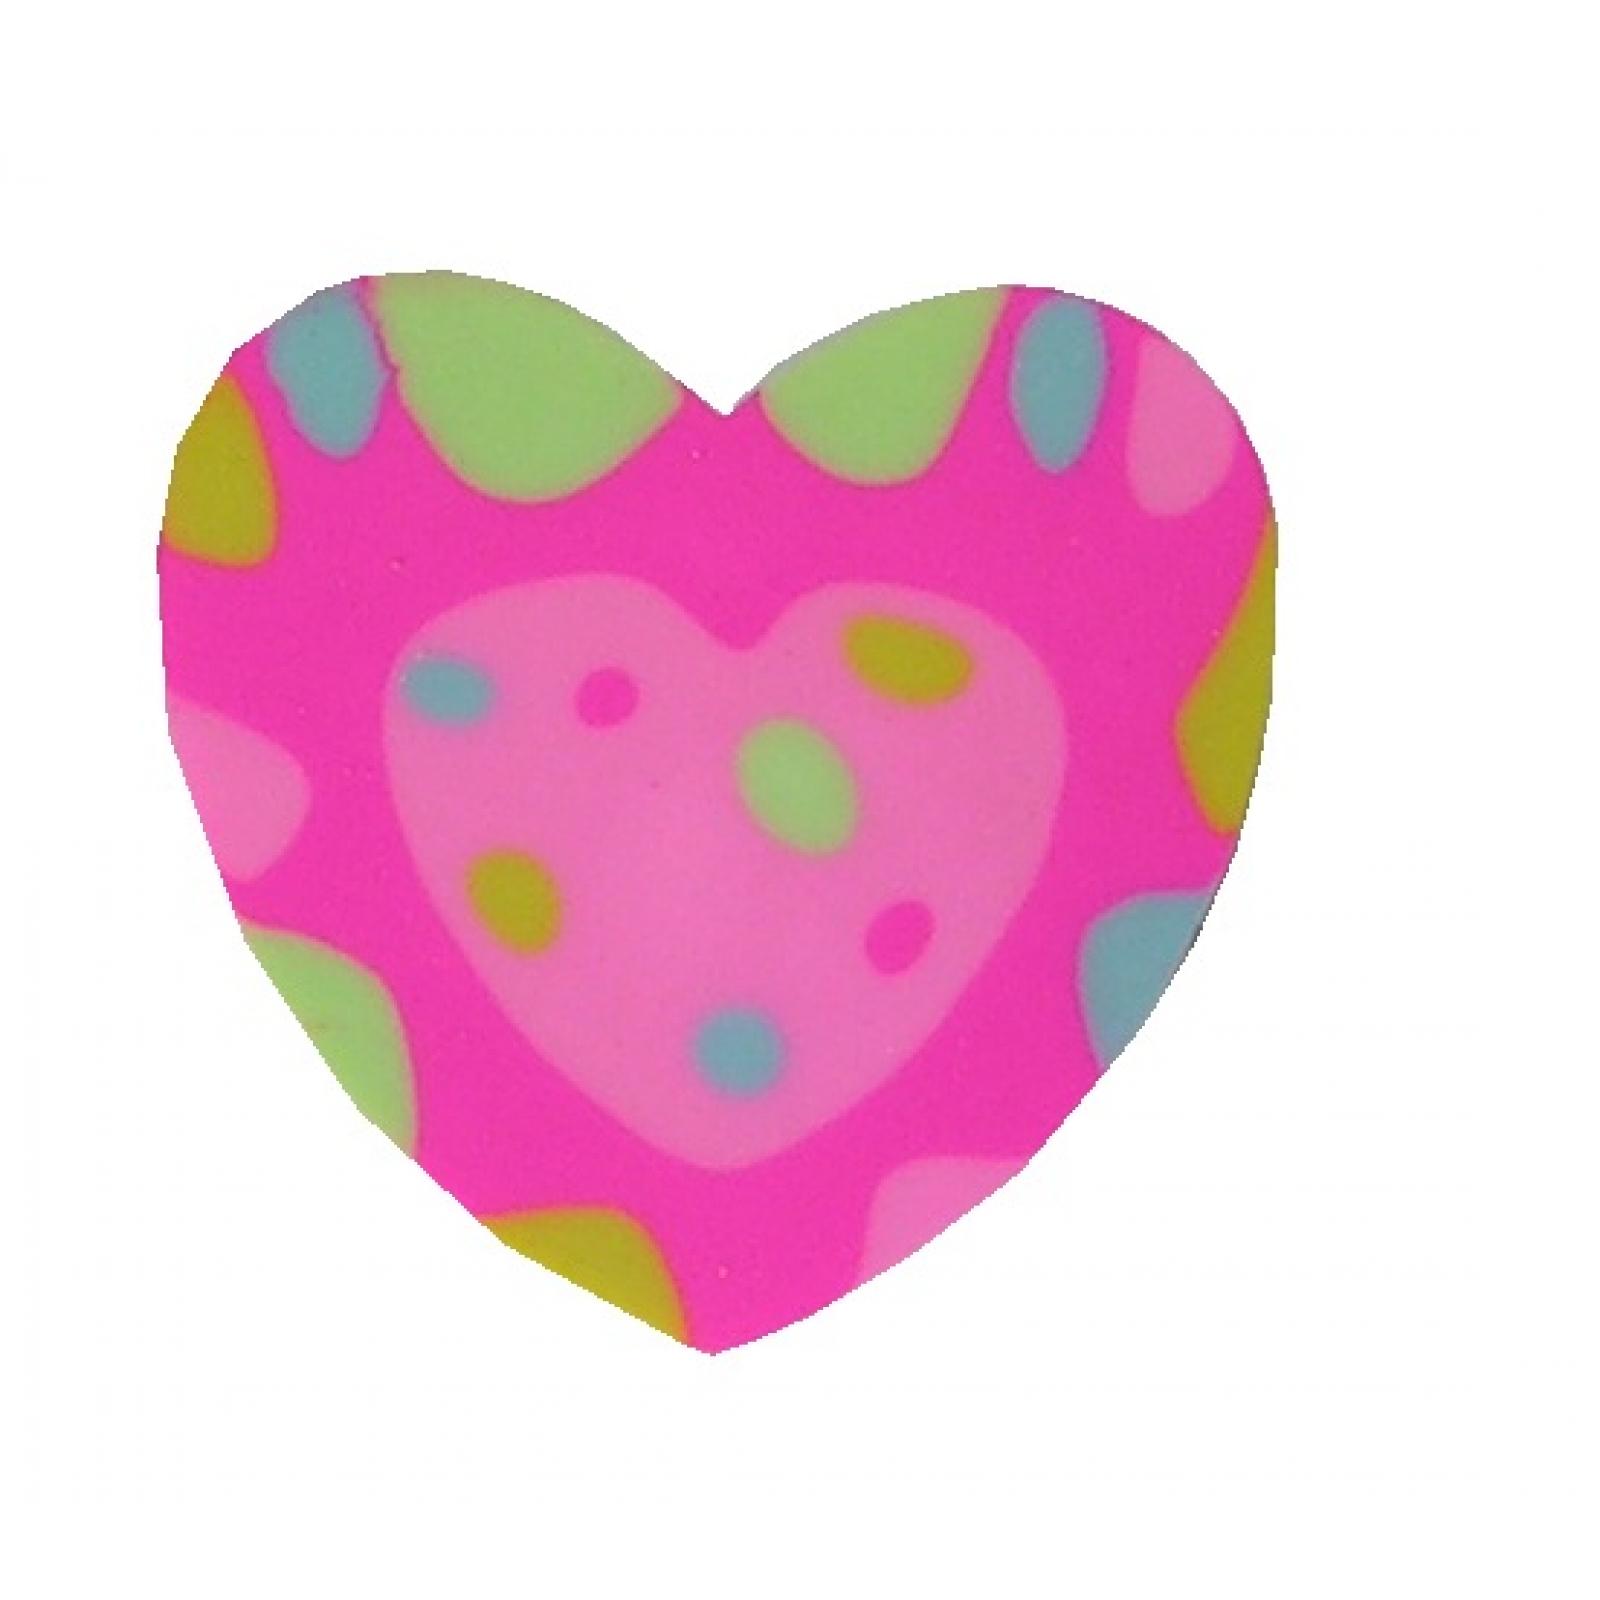 12x Radiergummi Herz Eraser Radiergummis Herzform Mitgebsel Kindergeburtstag